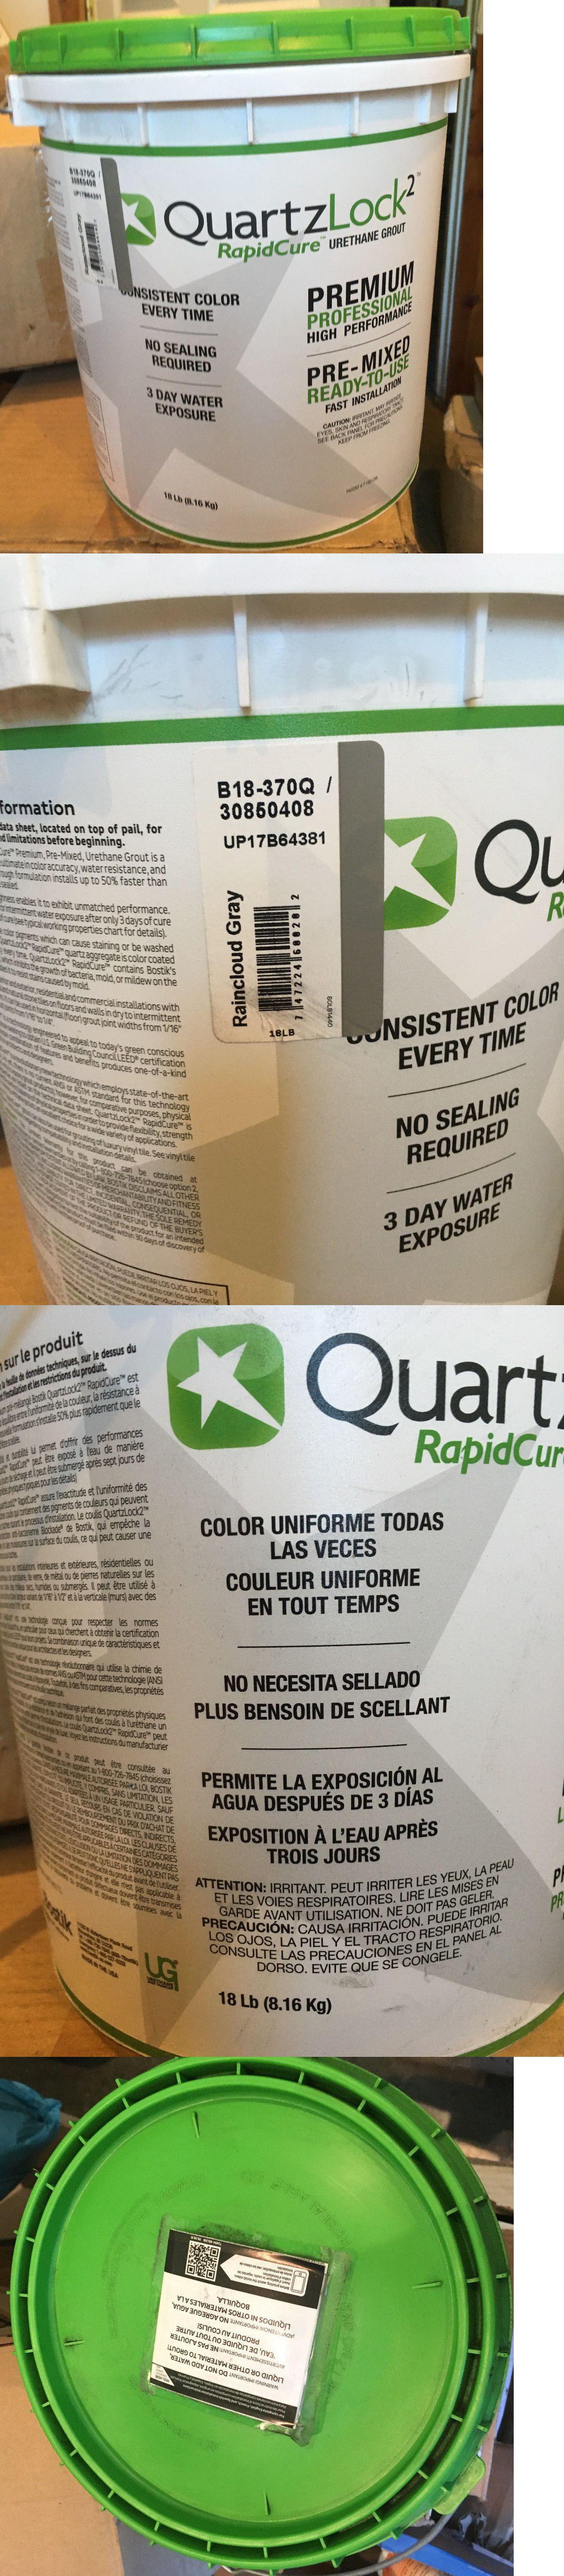 Quartz Lock Urethane Grout | Tyres2c